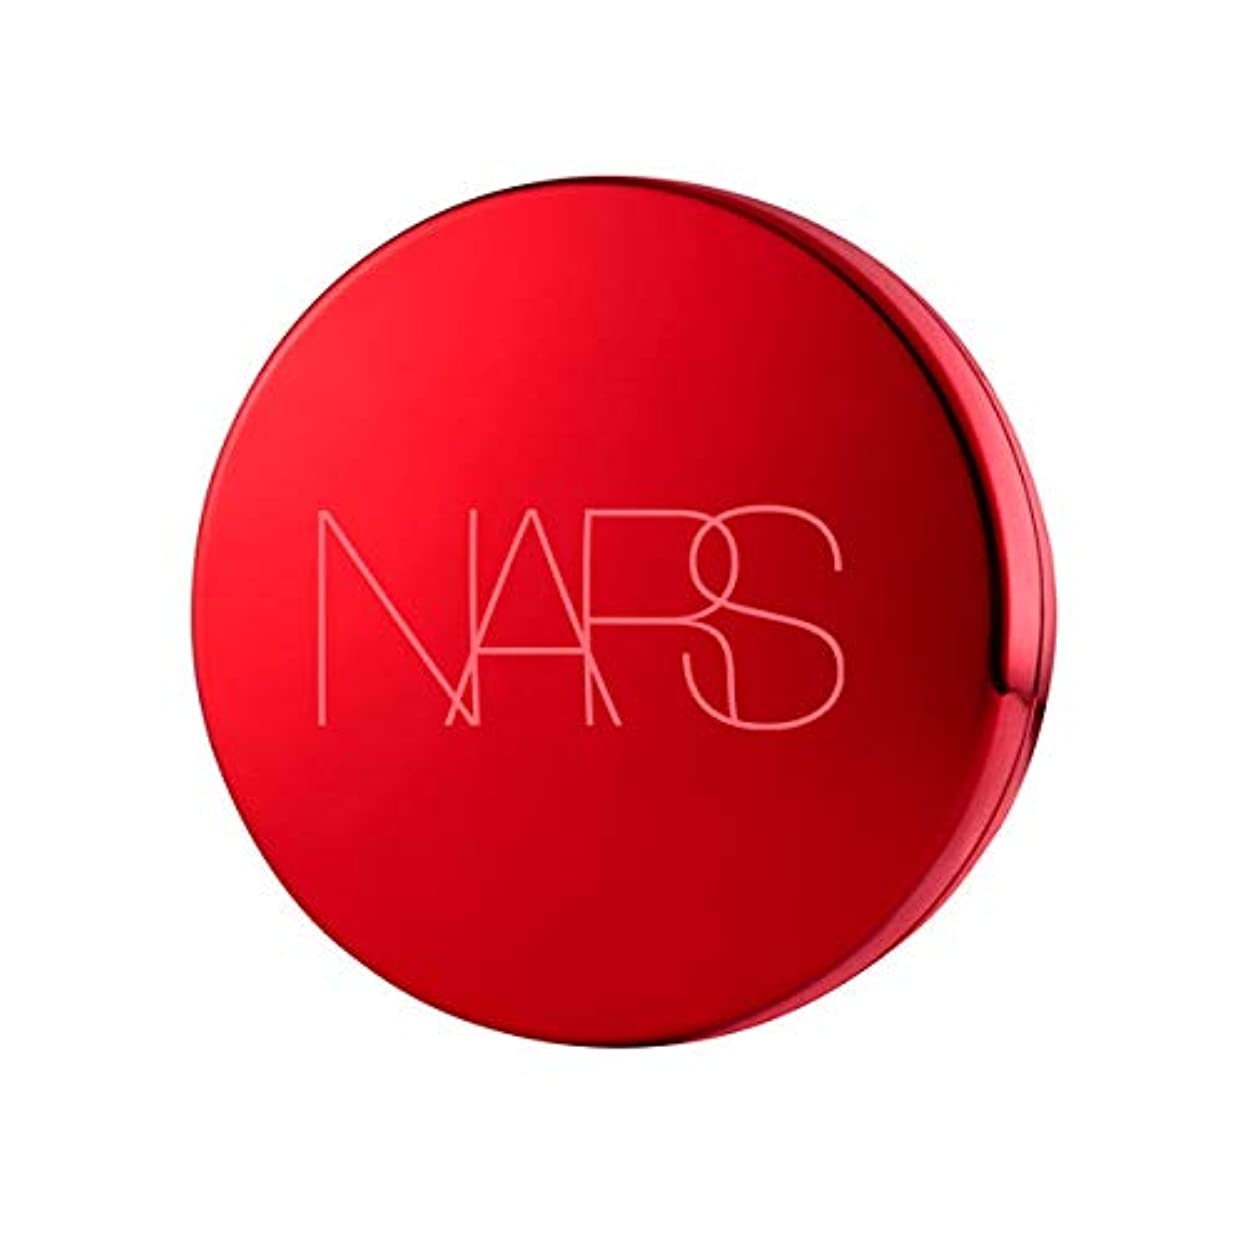 キャラクター追加する分析【NARS(ナーズ)】 アクアティックグロー クッションコンパクト スペシャルエディションケース